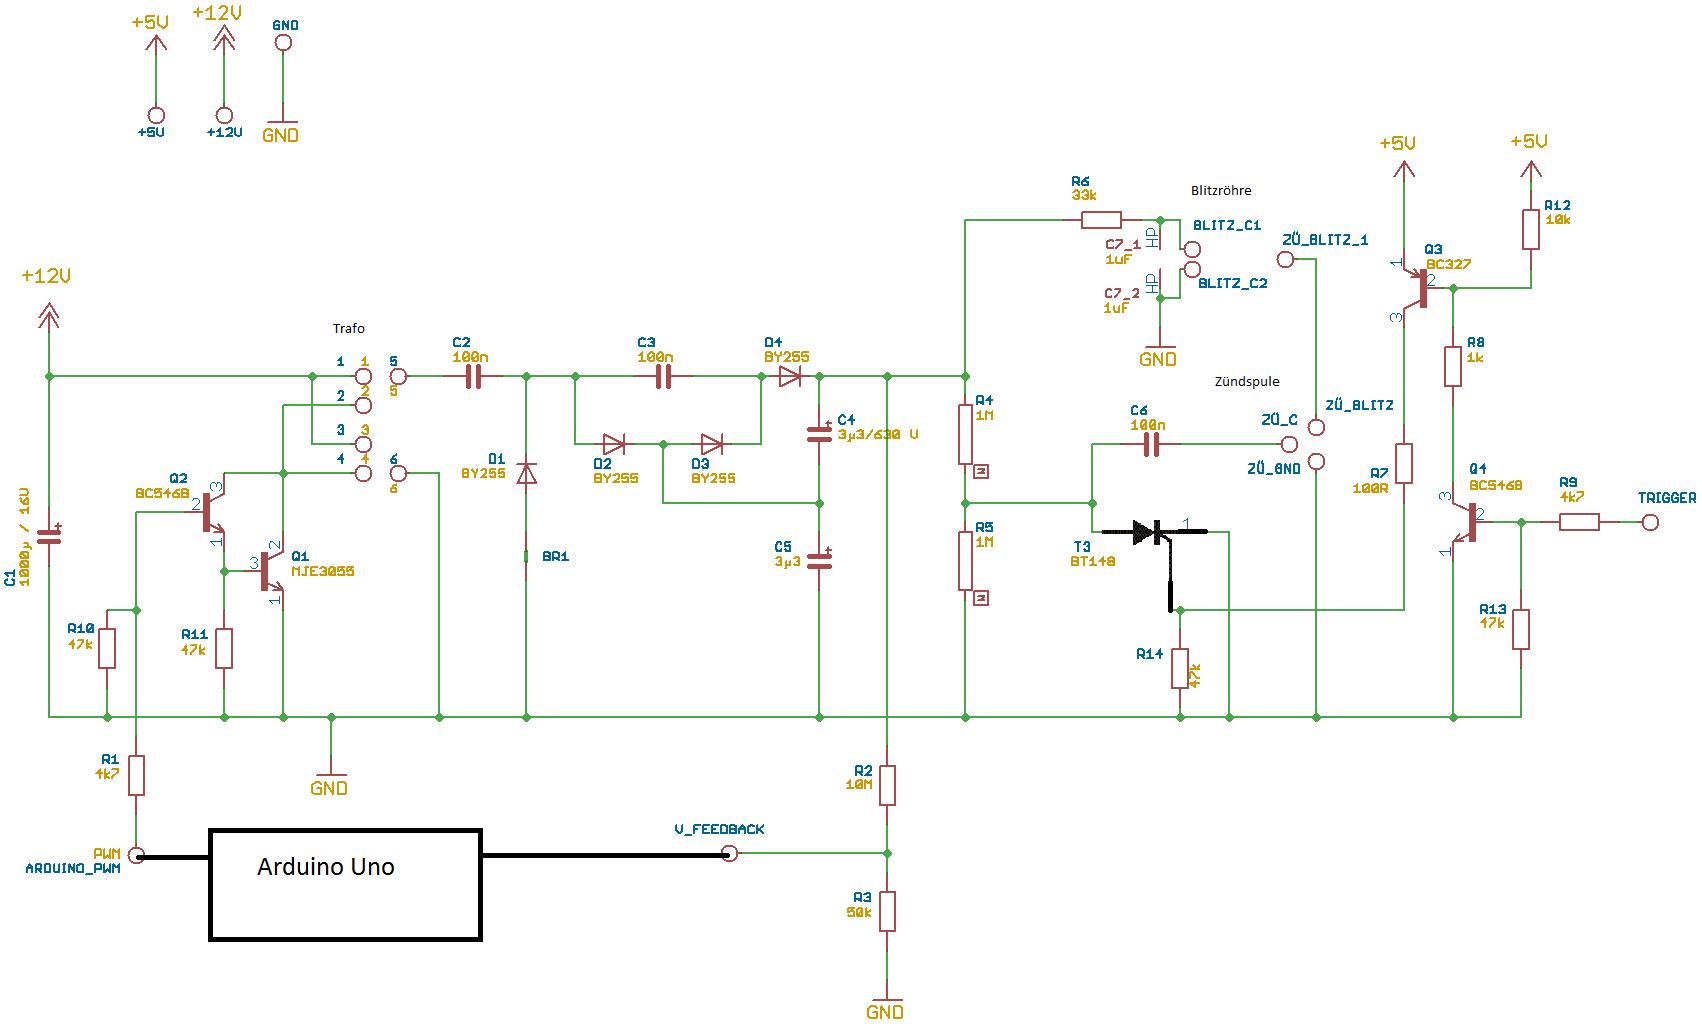 Schaltung funktioniert einfach nicht richtig :( - Mikrocontroller.net